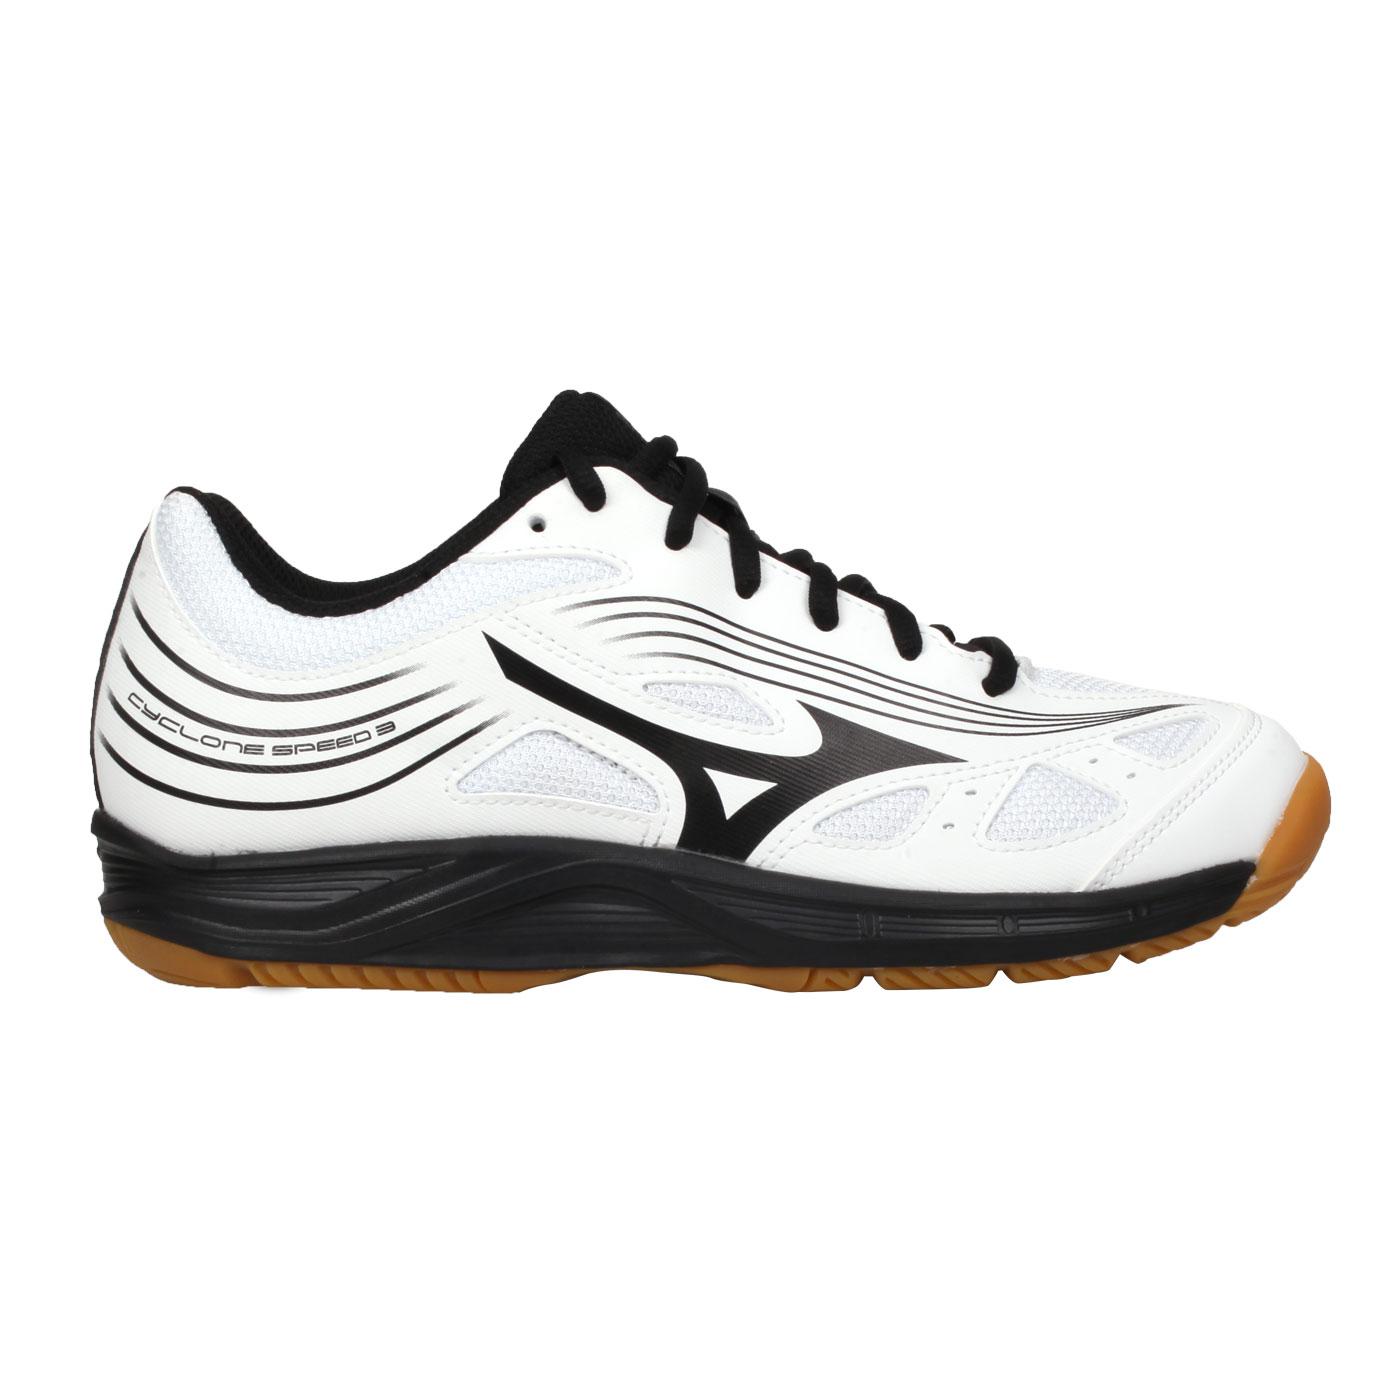 MIZUNO 女款排球鞋  @CYCLONE SPEED 3@V1GC218009 - 白黑